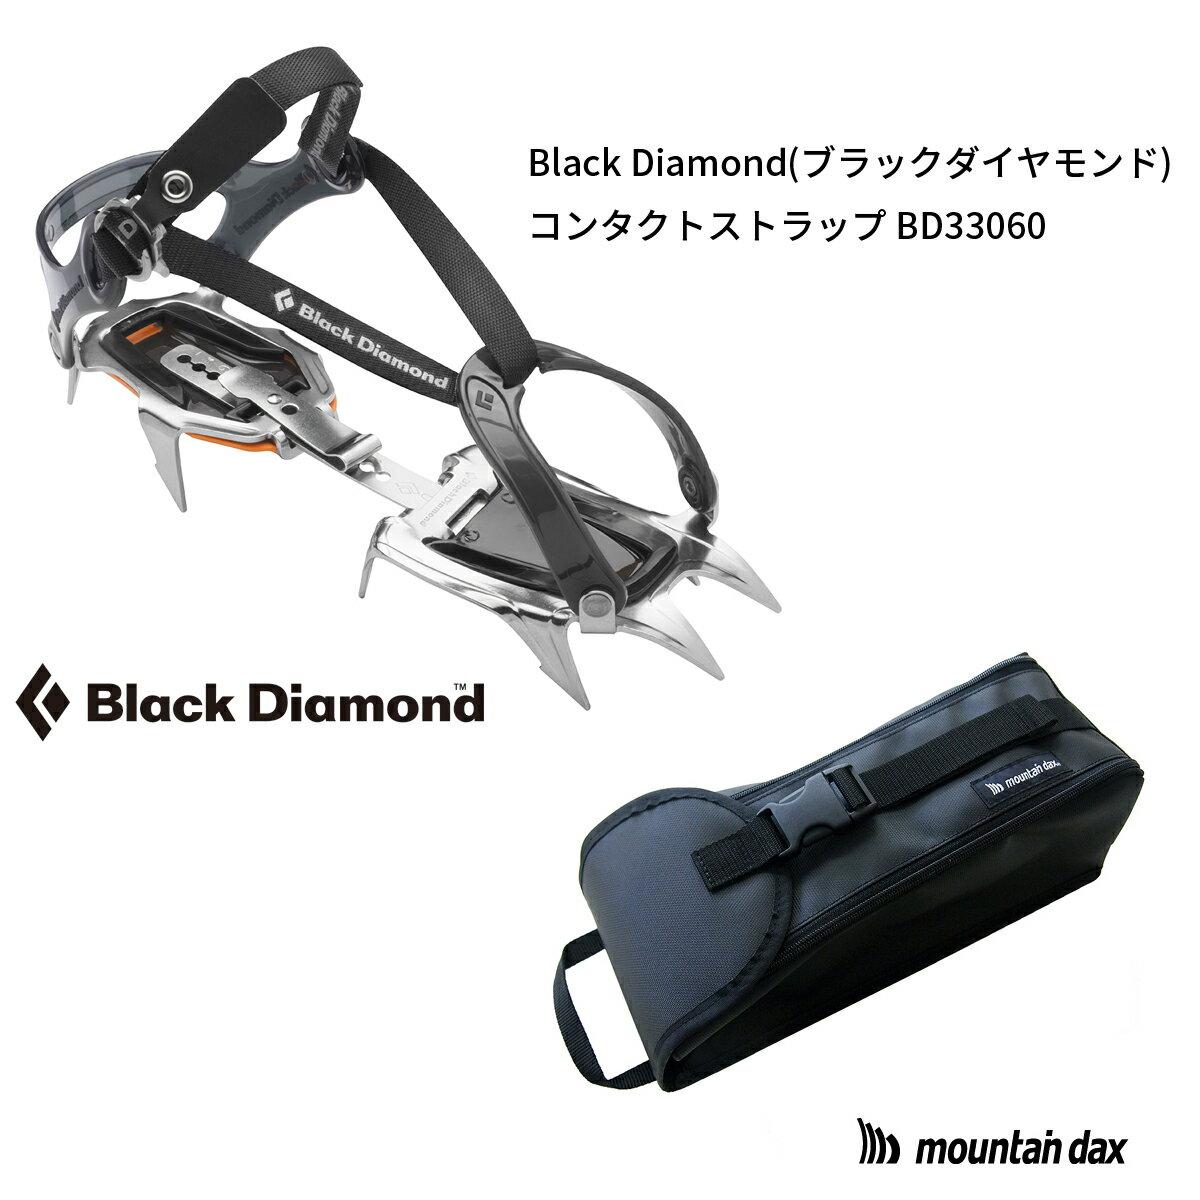 Black Diamond(ブラックダイヤモンド)コンタクトストラップ BD33060【mt.daxアイゼンケース付】